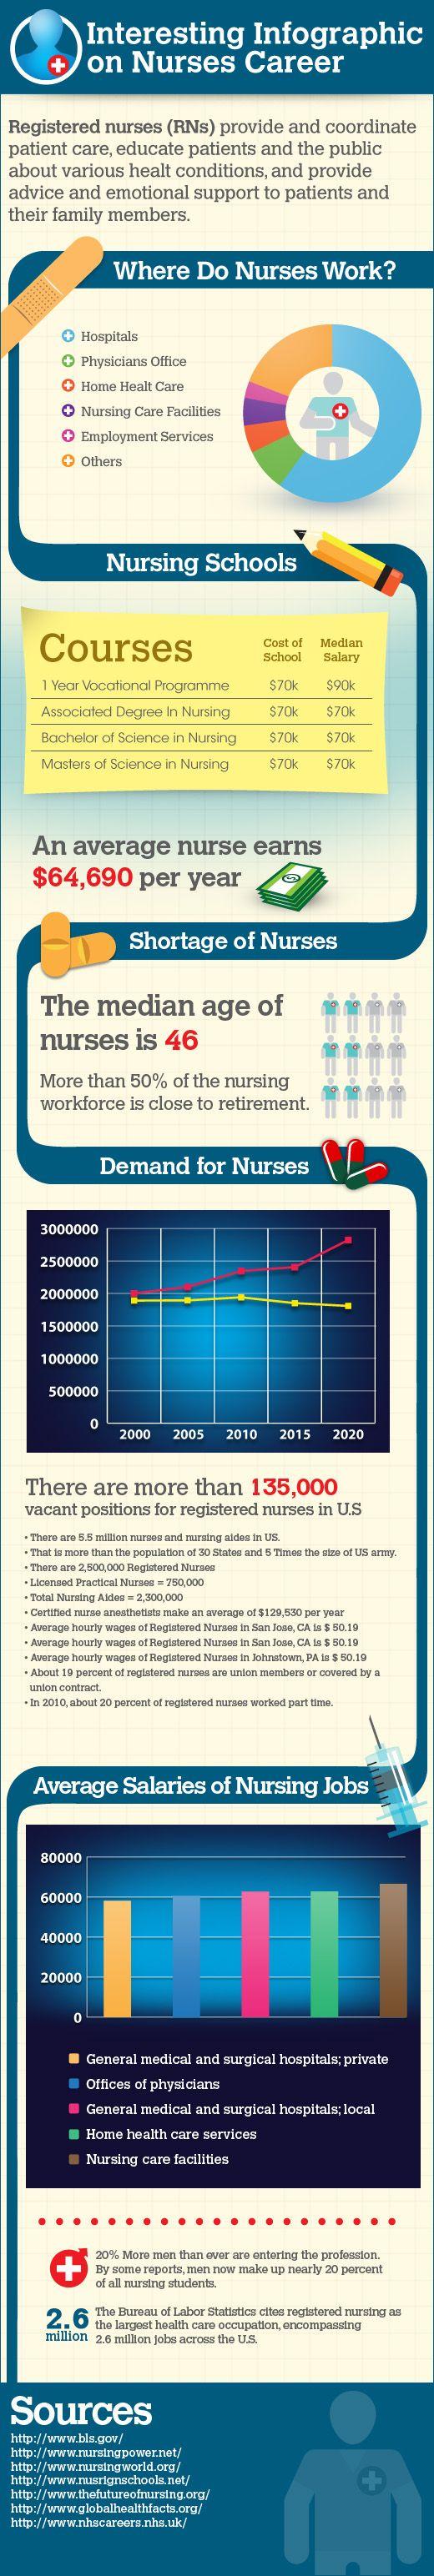 Nursing Career by the Numbers - http://blog.examville.com/wordpress/2012/06/11/nursing-career-by-the-numbers/ #nursing #career #jobs